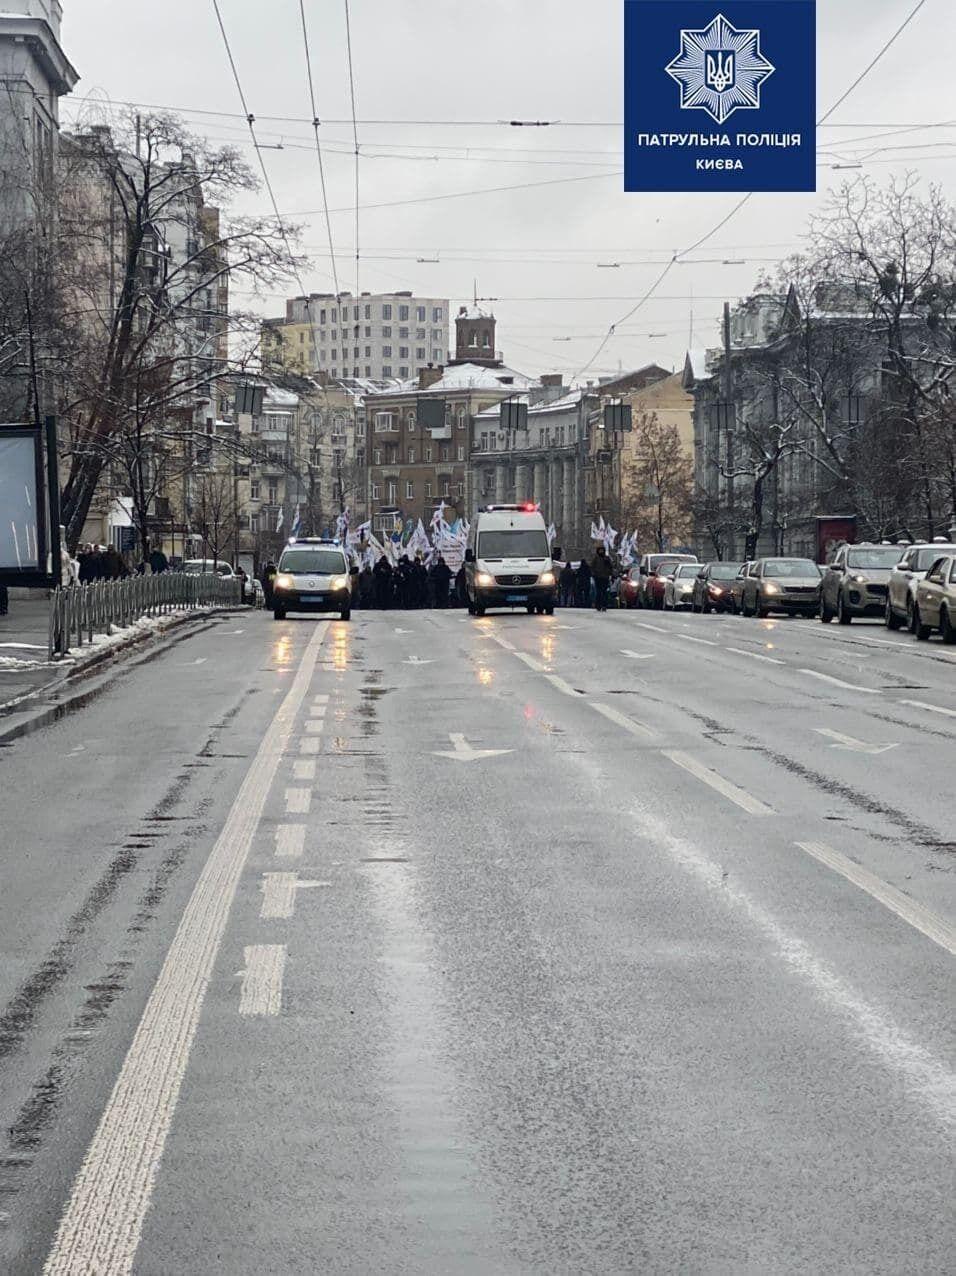 Митингующие на улице Саксаганского.